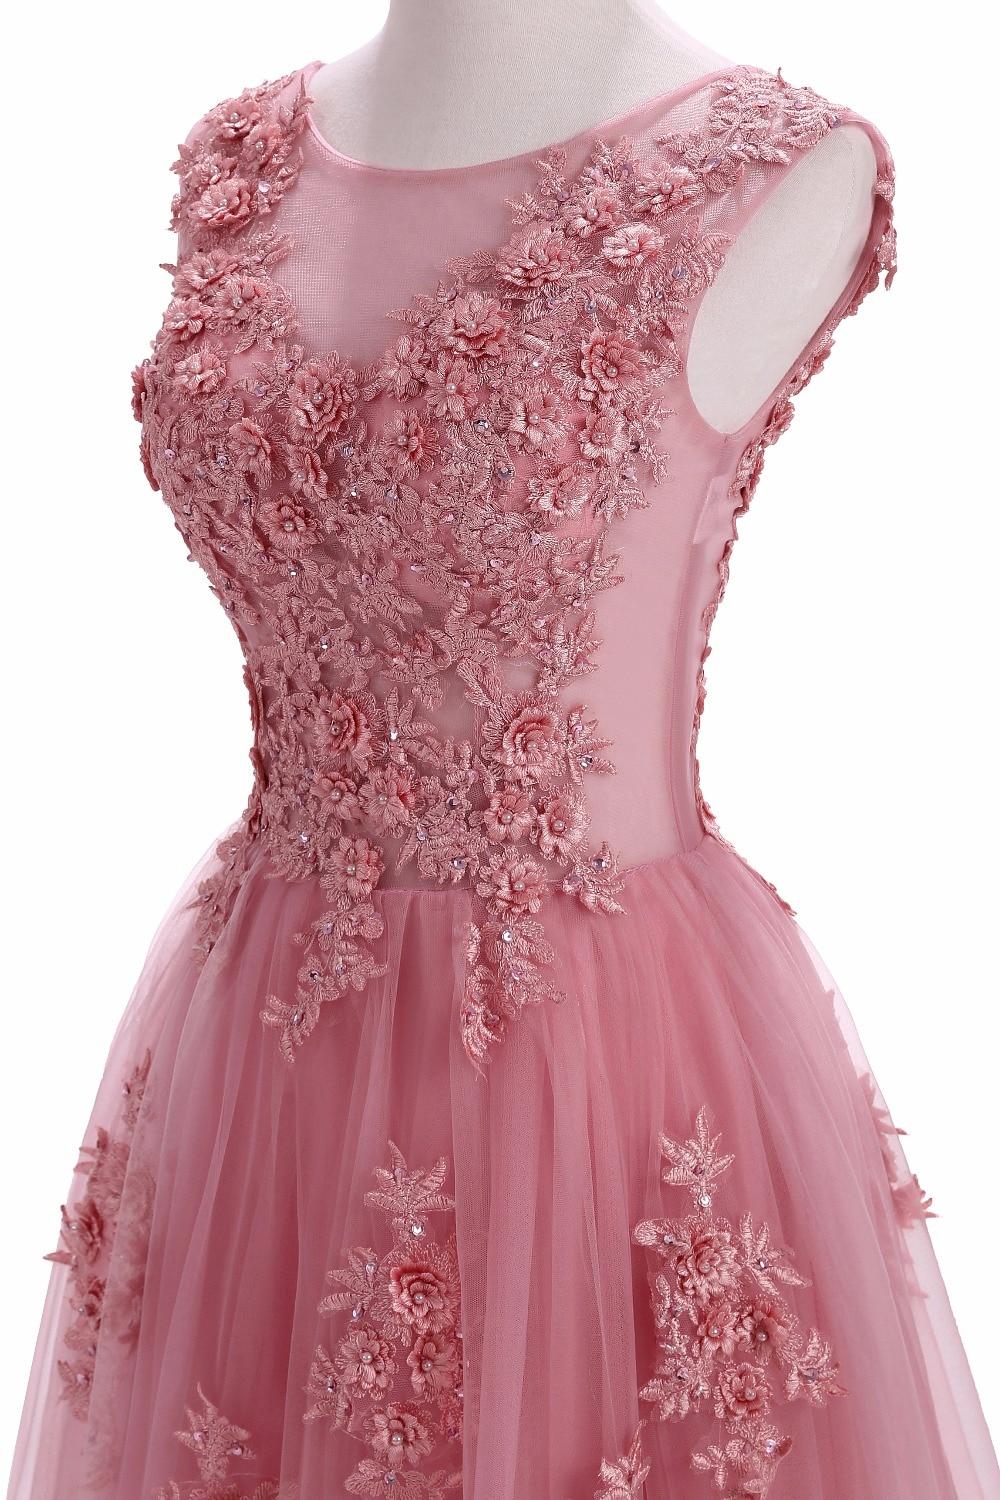 Ροζ ντε Σόιρεε Βραδινά Φορέματα - Ειδικές φορέματα περίπτωσης - Φωτογραφία 5